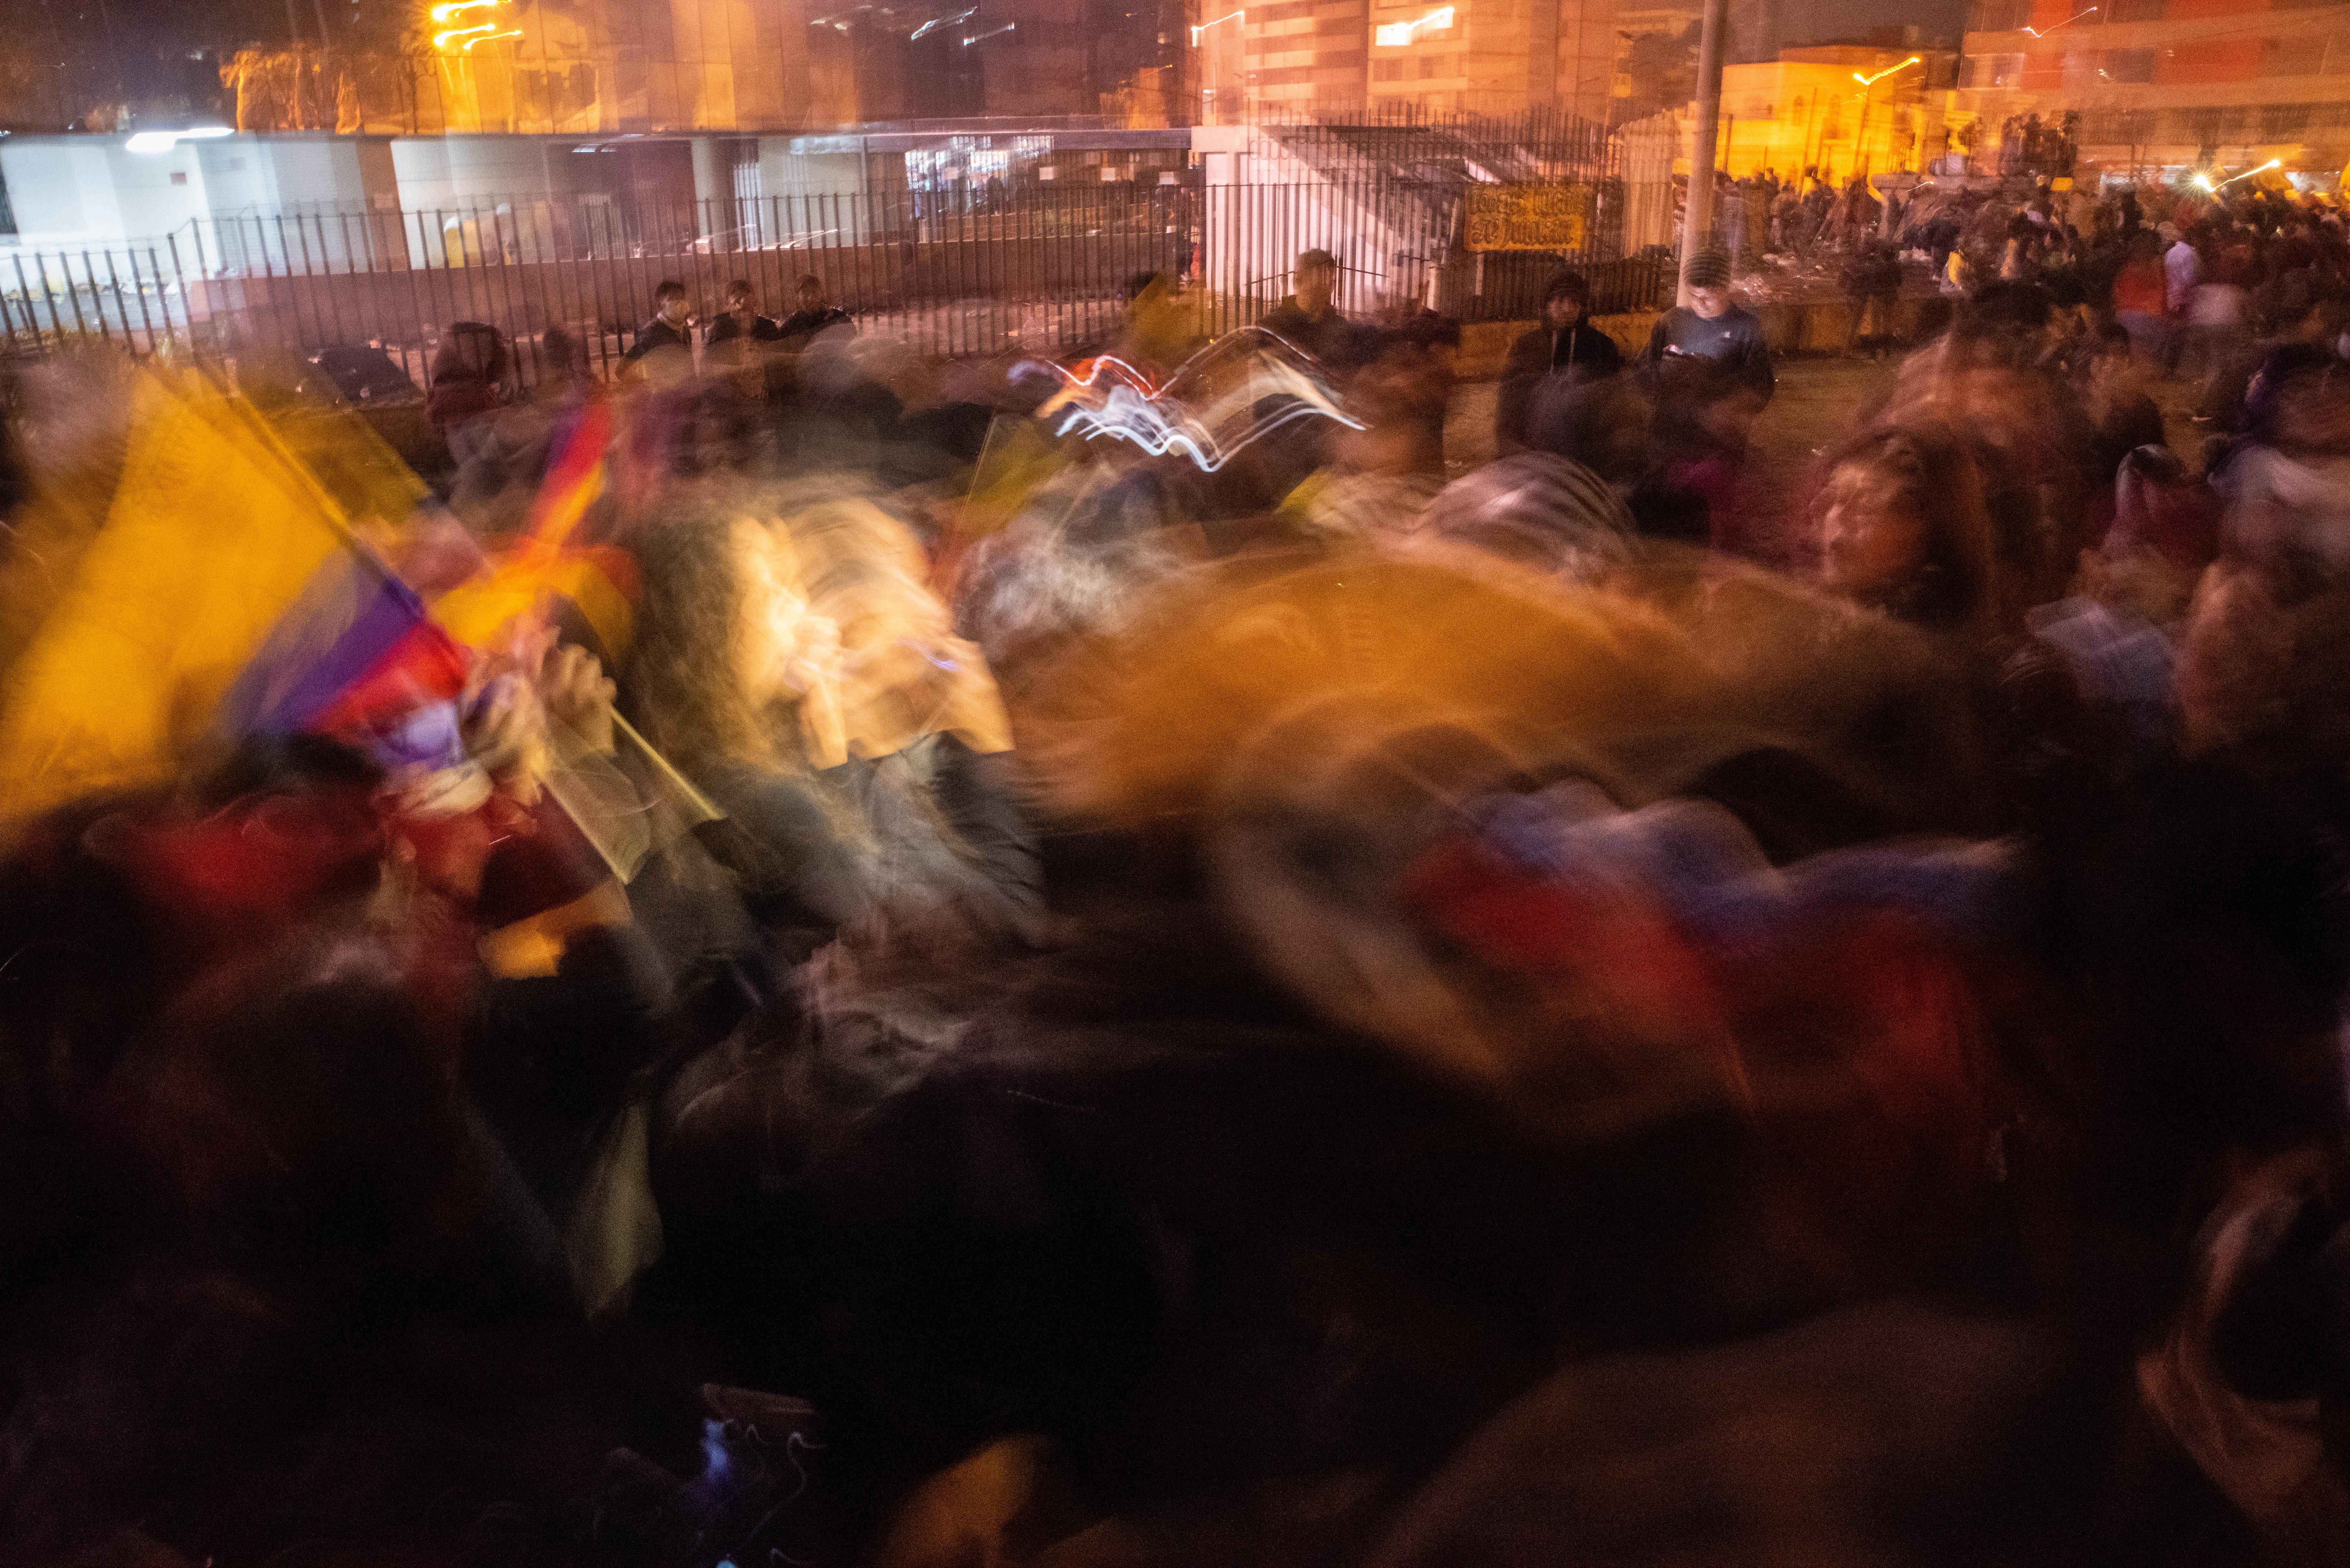 """Cientos de indígenas festejaban asimismo la """"victoria de la lucha popular"""" en los exteriores de la Casa de la Cultura con bailes en los que portaban sus lanzas y hacían sonar sus tambores al grito de: """"¡El pueblo unido, jamás será vencido!"""""""